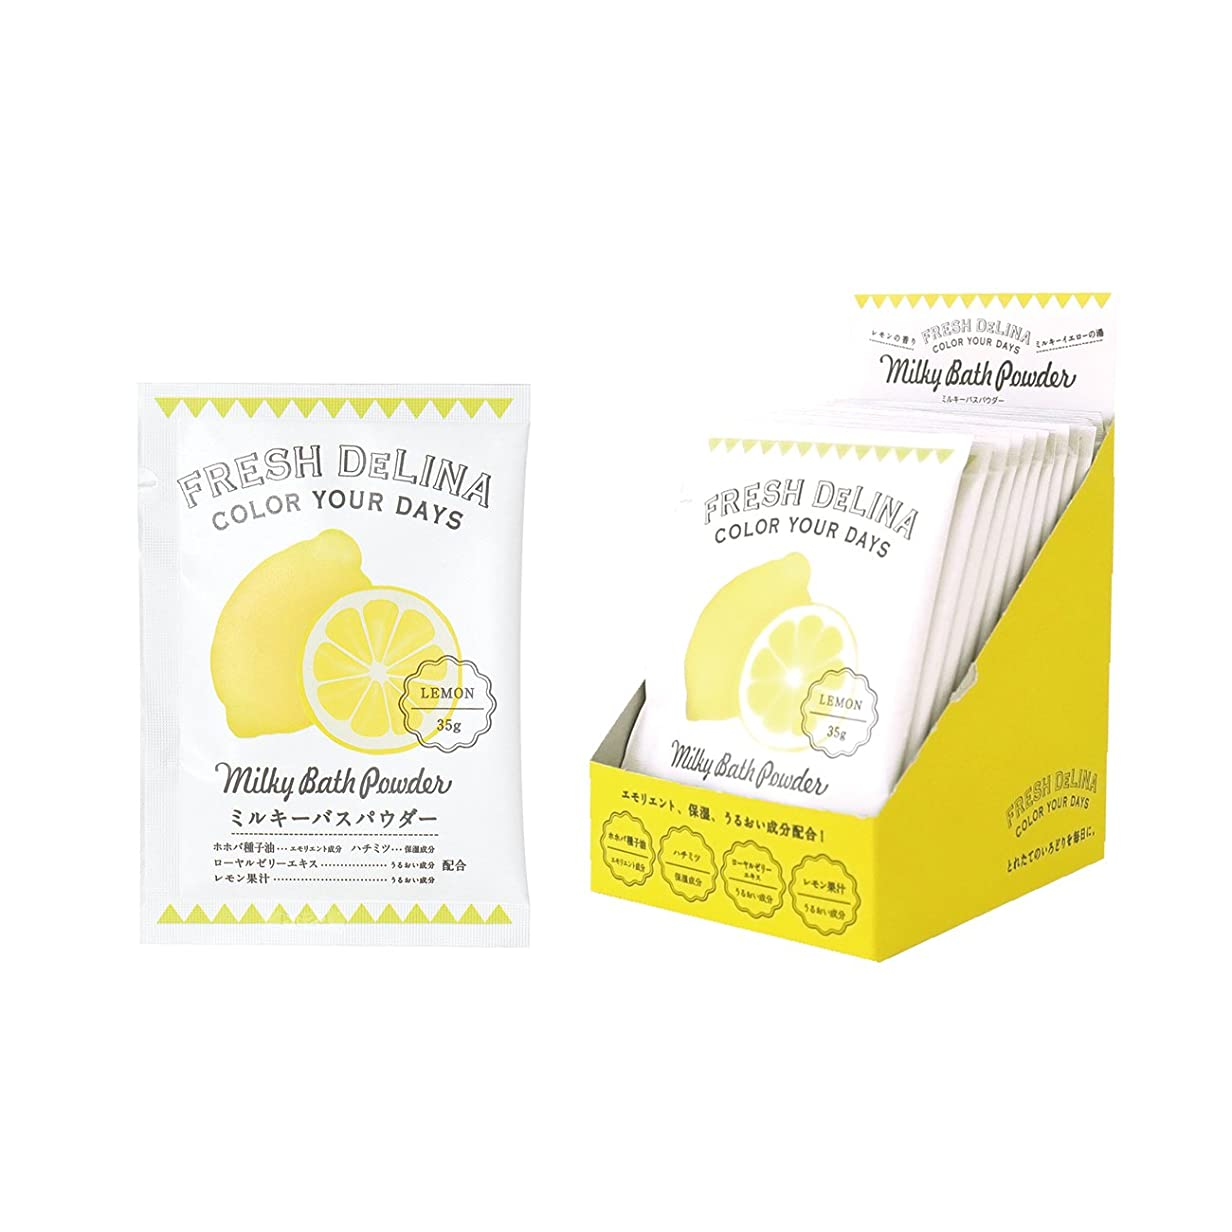 補助金誇りに思う凍るフレッシュデリーナ ミルキーバスパウダー 35g (レモン) 12個 (白濁タイプ入浴料 日本製 どこかなつかしいフレッシュなレモンの香り)